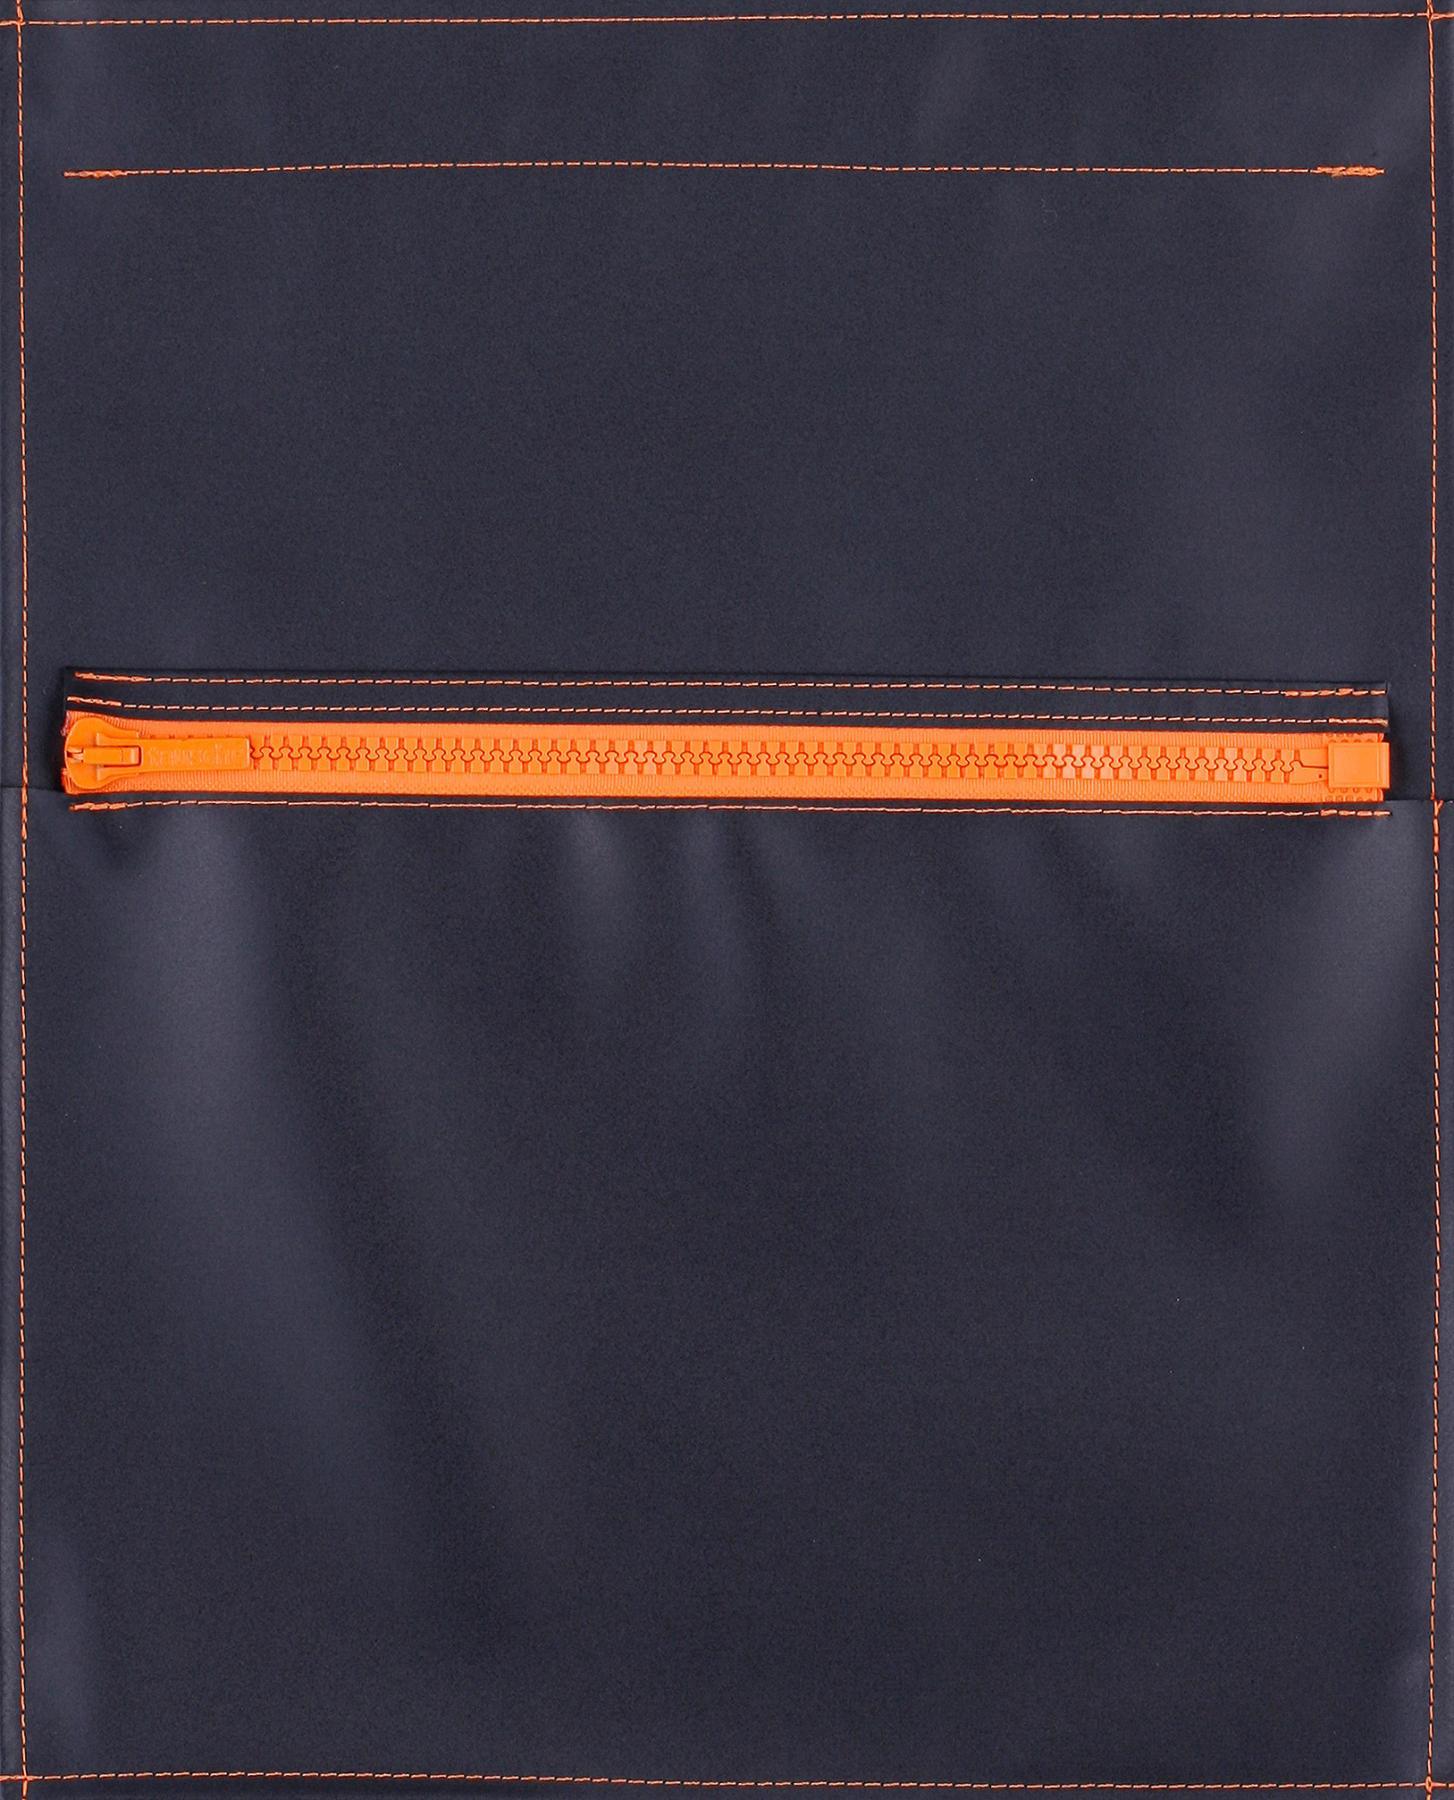 Taschendeckel schwarz matt (groß)